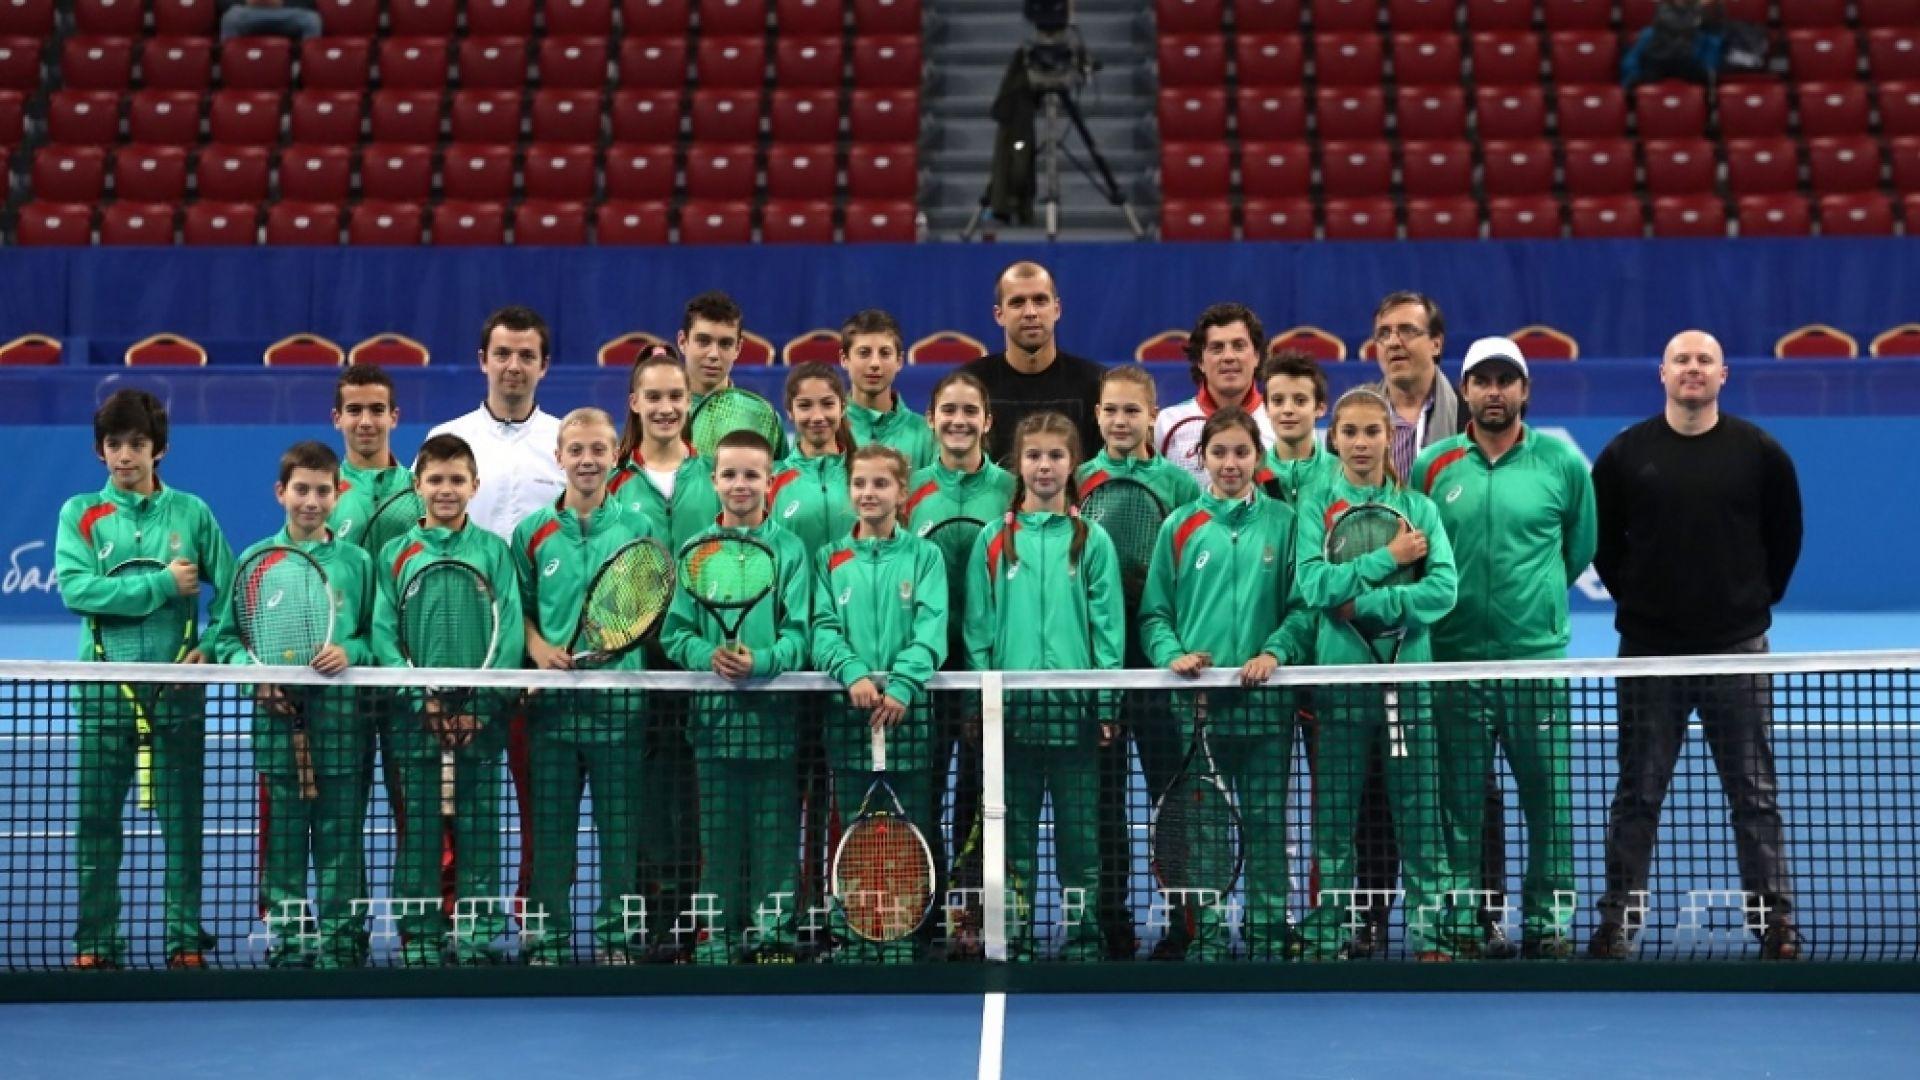 България е на трето място в Европа по брой тенисисти сред първите пет